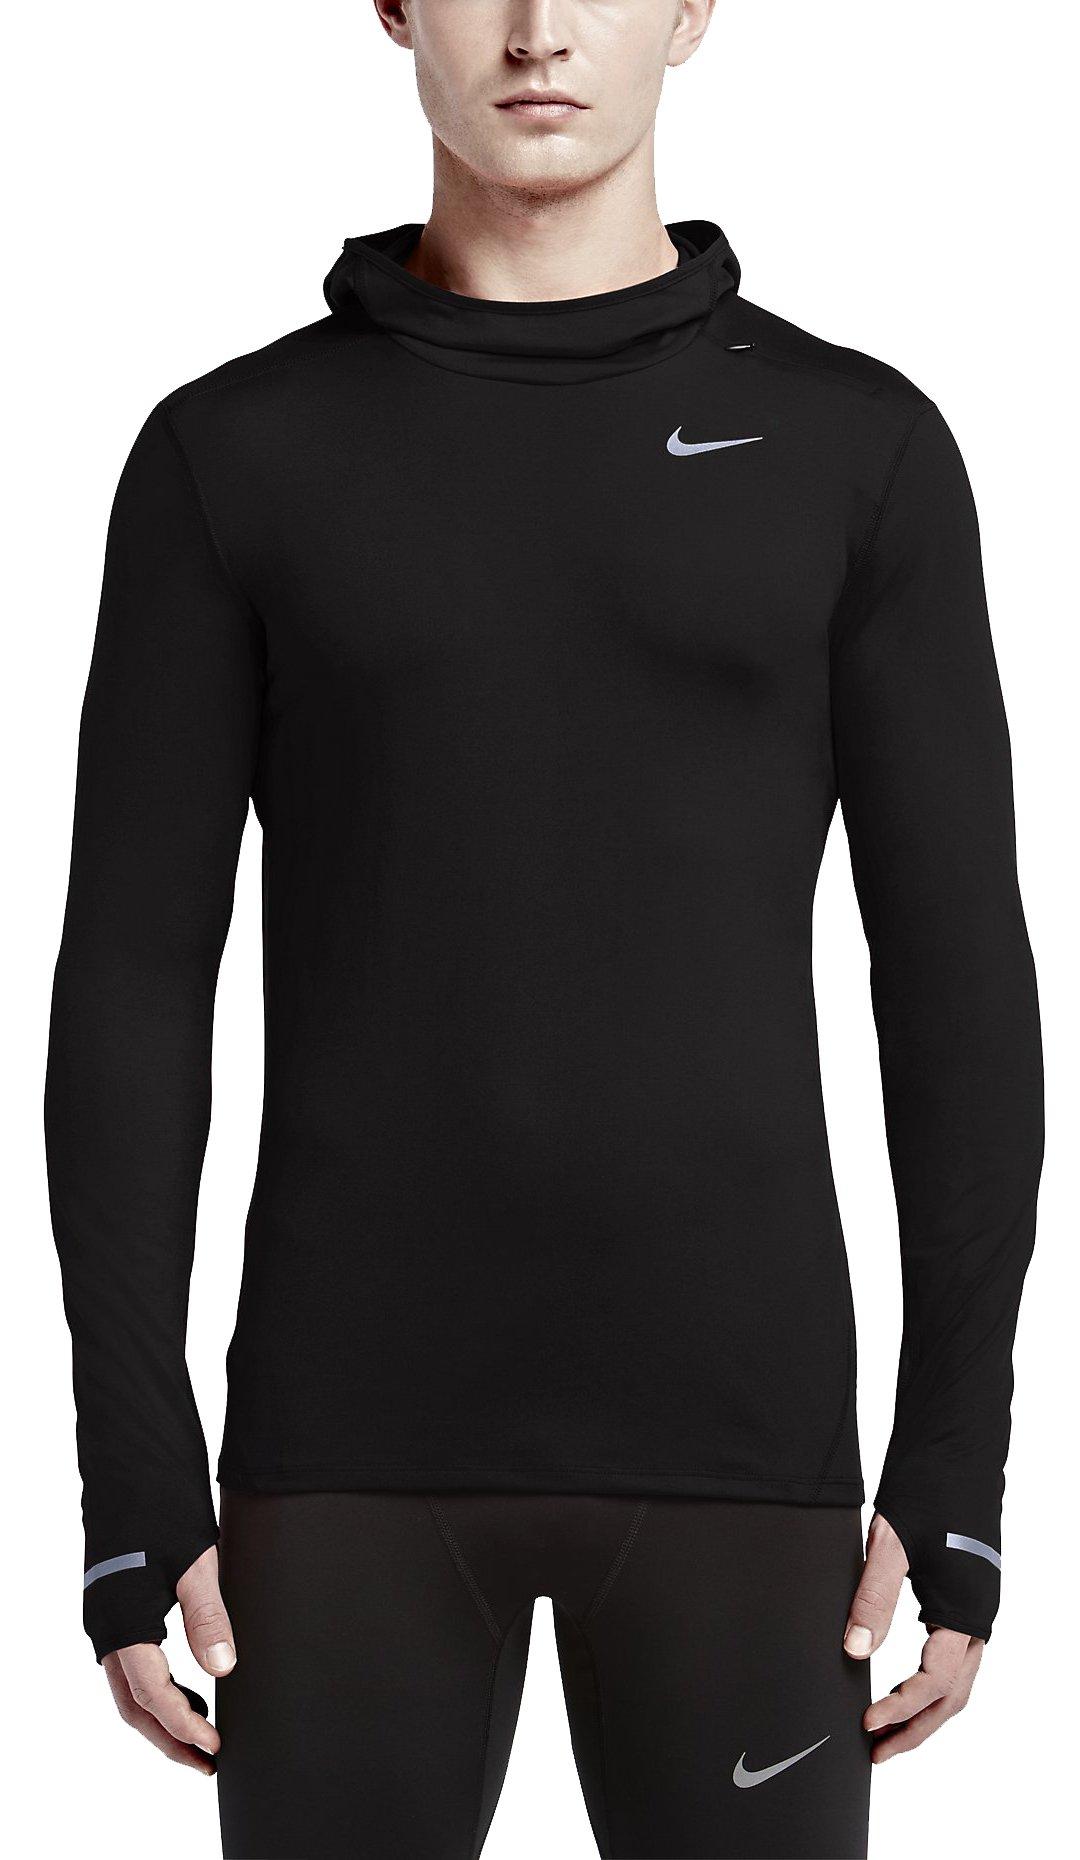 Běžecká mikina s kapucí Nike Dri-FIT Element